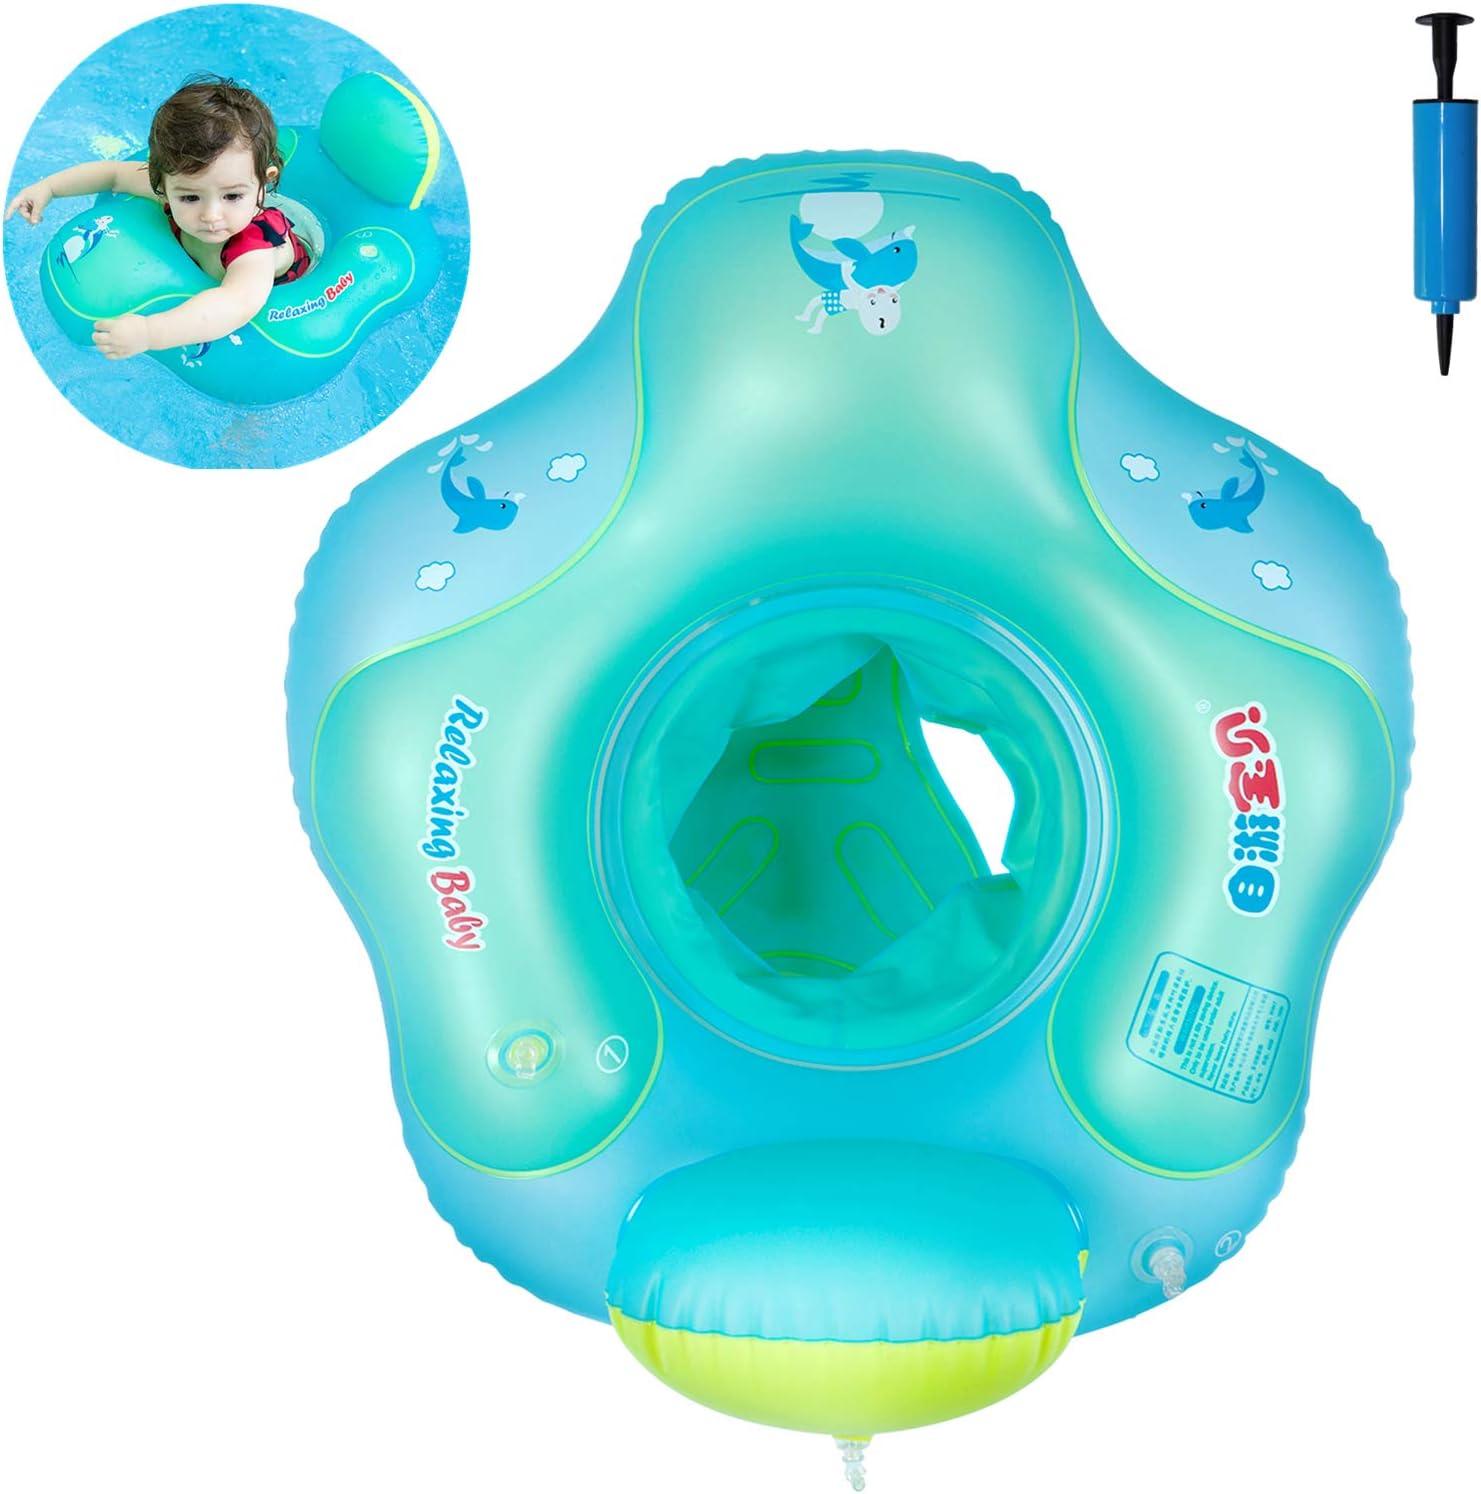 Myir Flotador bebé con Asiento y Respaldo, Anillo de Natación para bebés de Piscina Flotador Inflable para Niños Flotador de Natación Nadar Anillo (Azul, S)